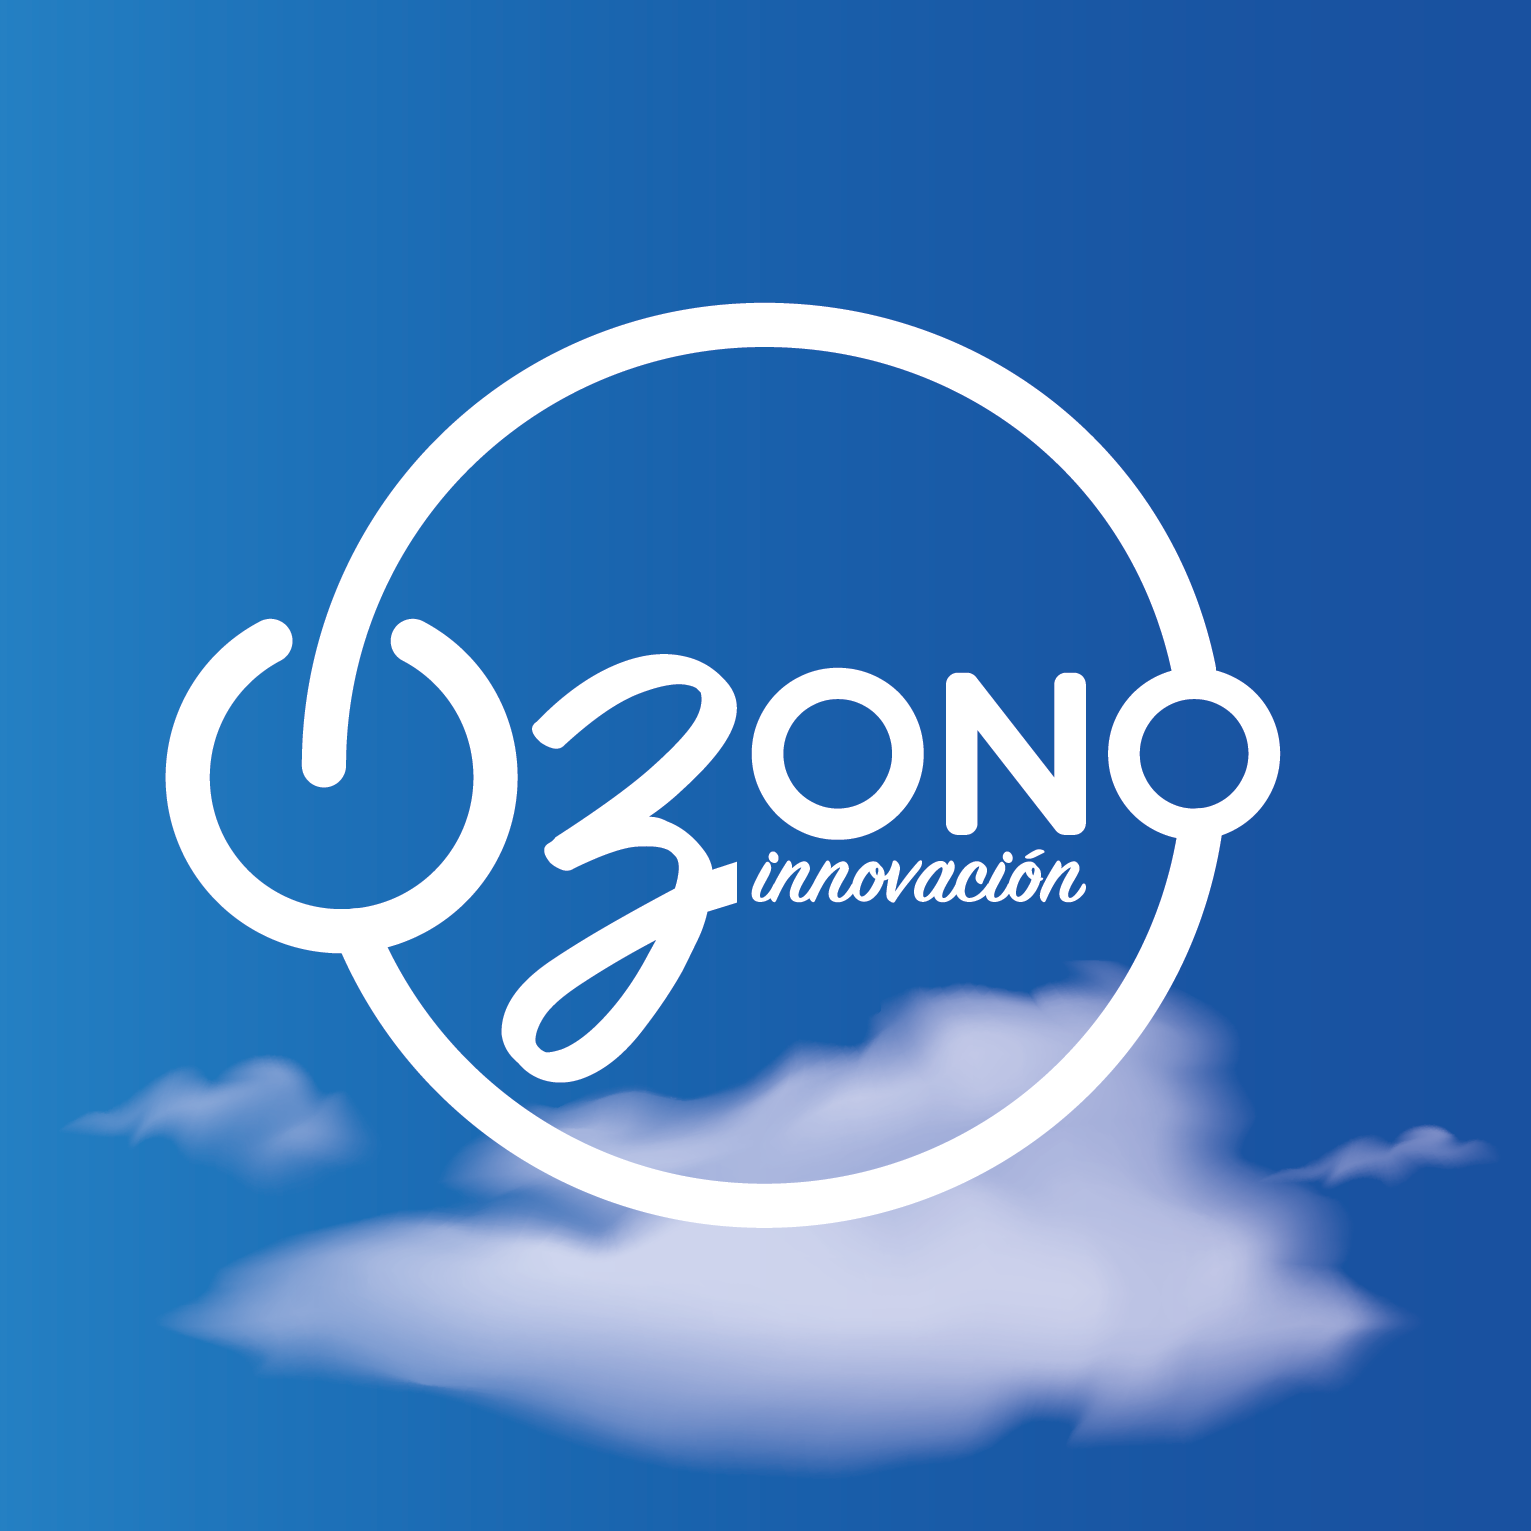 Logo Redes Sociales Ozono 2